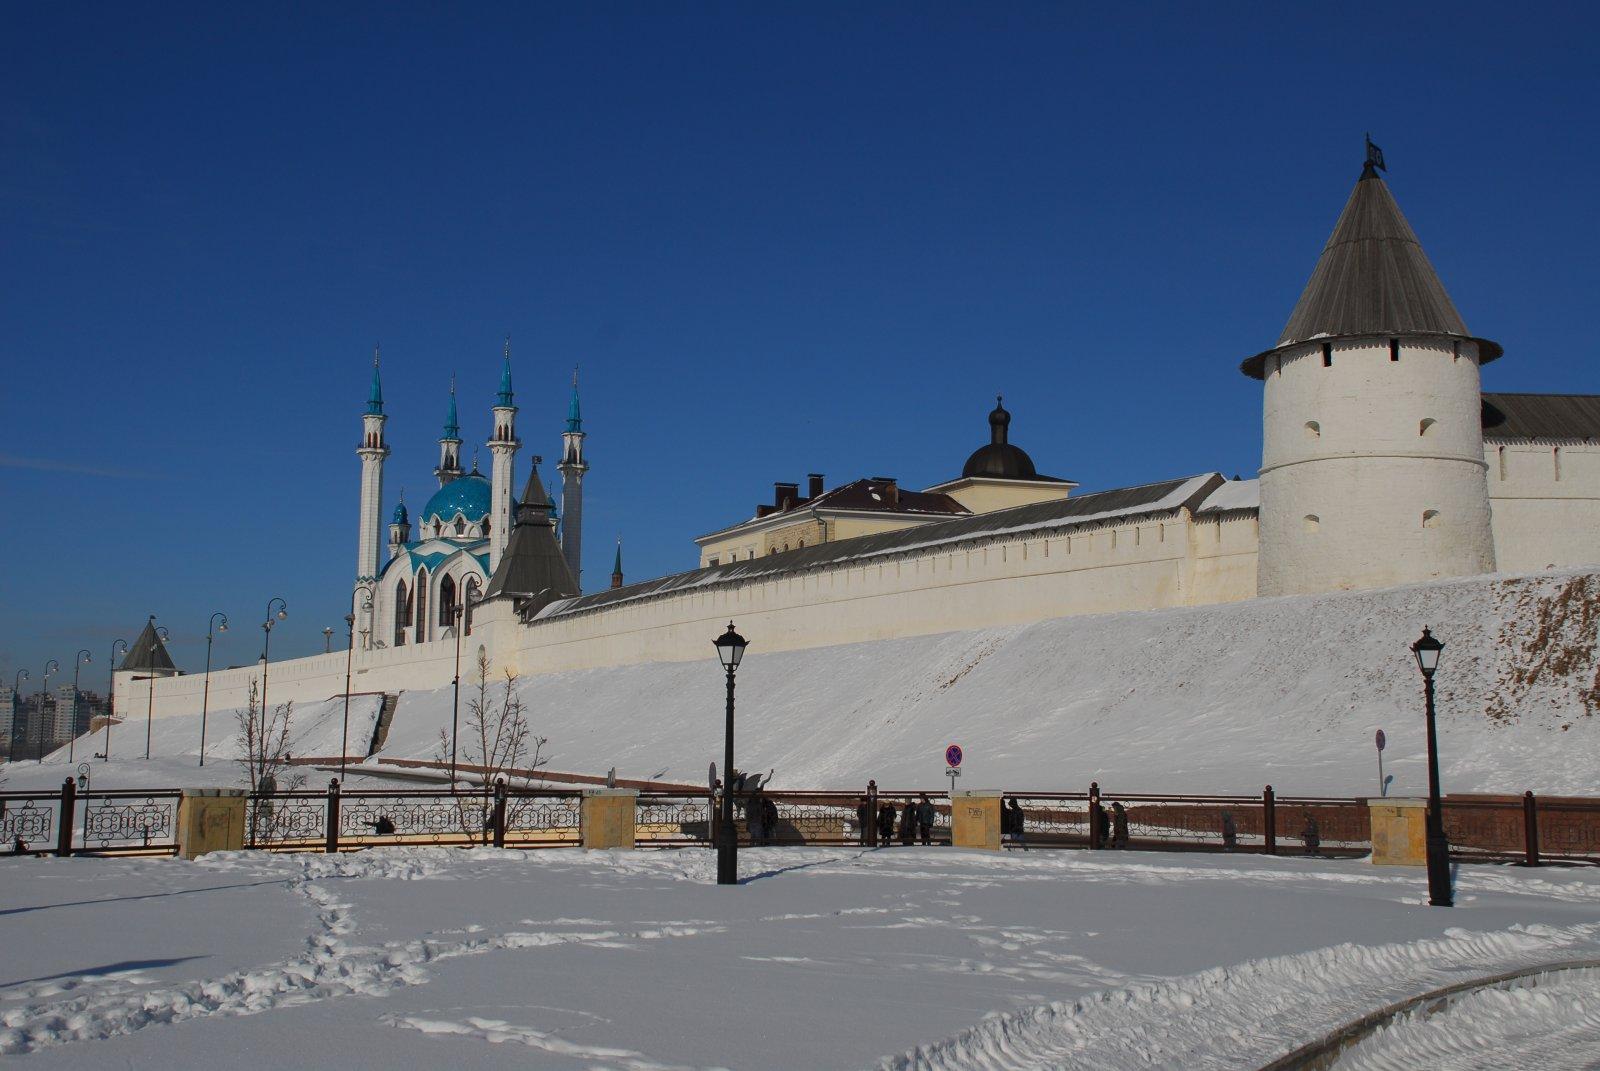 О Казани с любовью! Обзорная экскурсия по Казани с посещением Казанского кремля